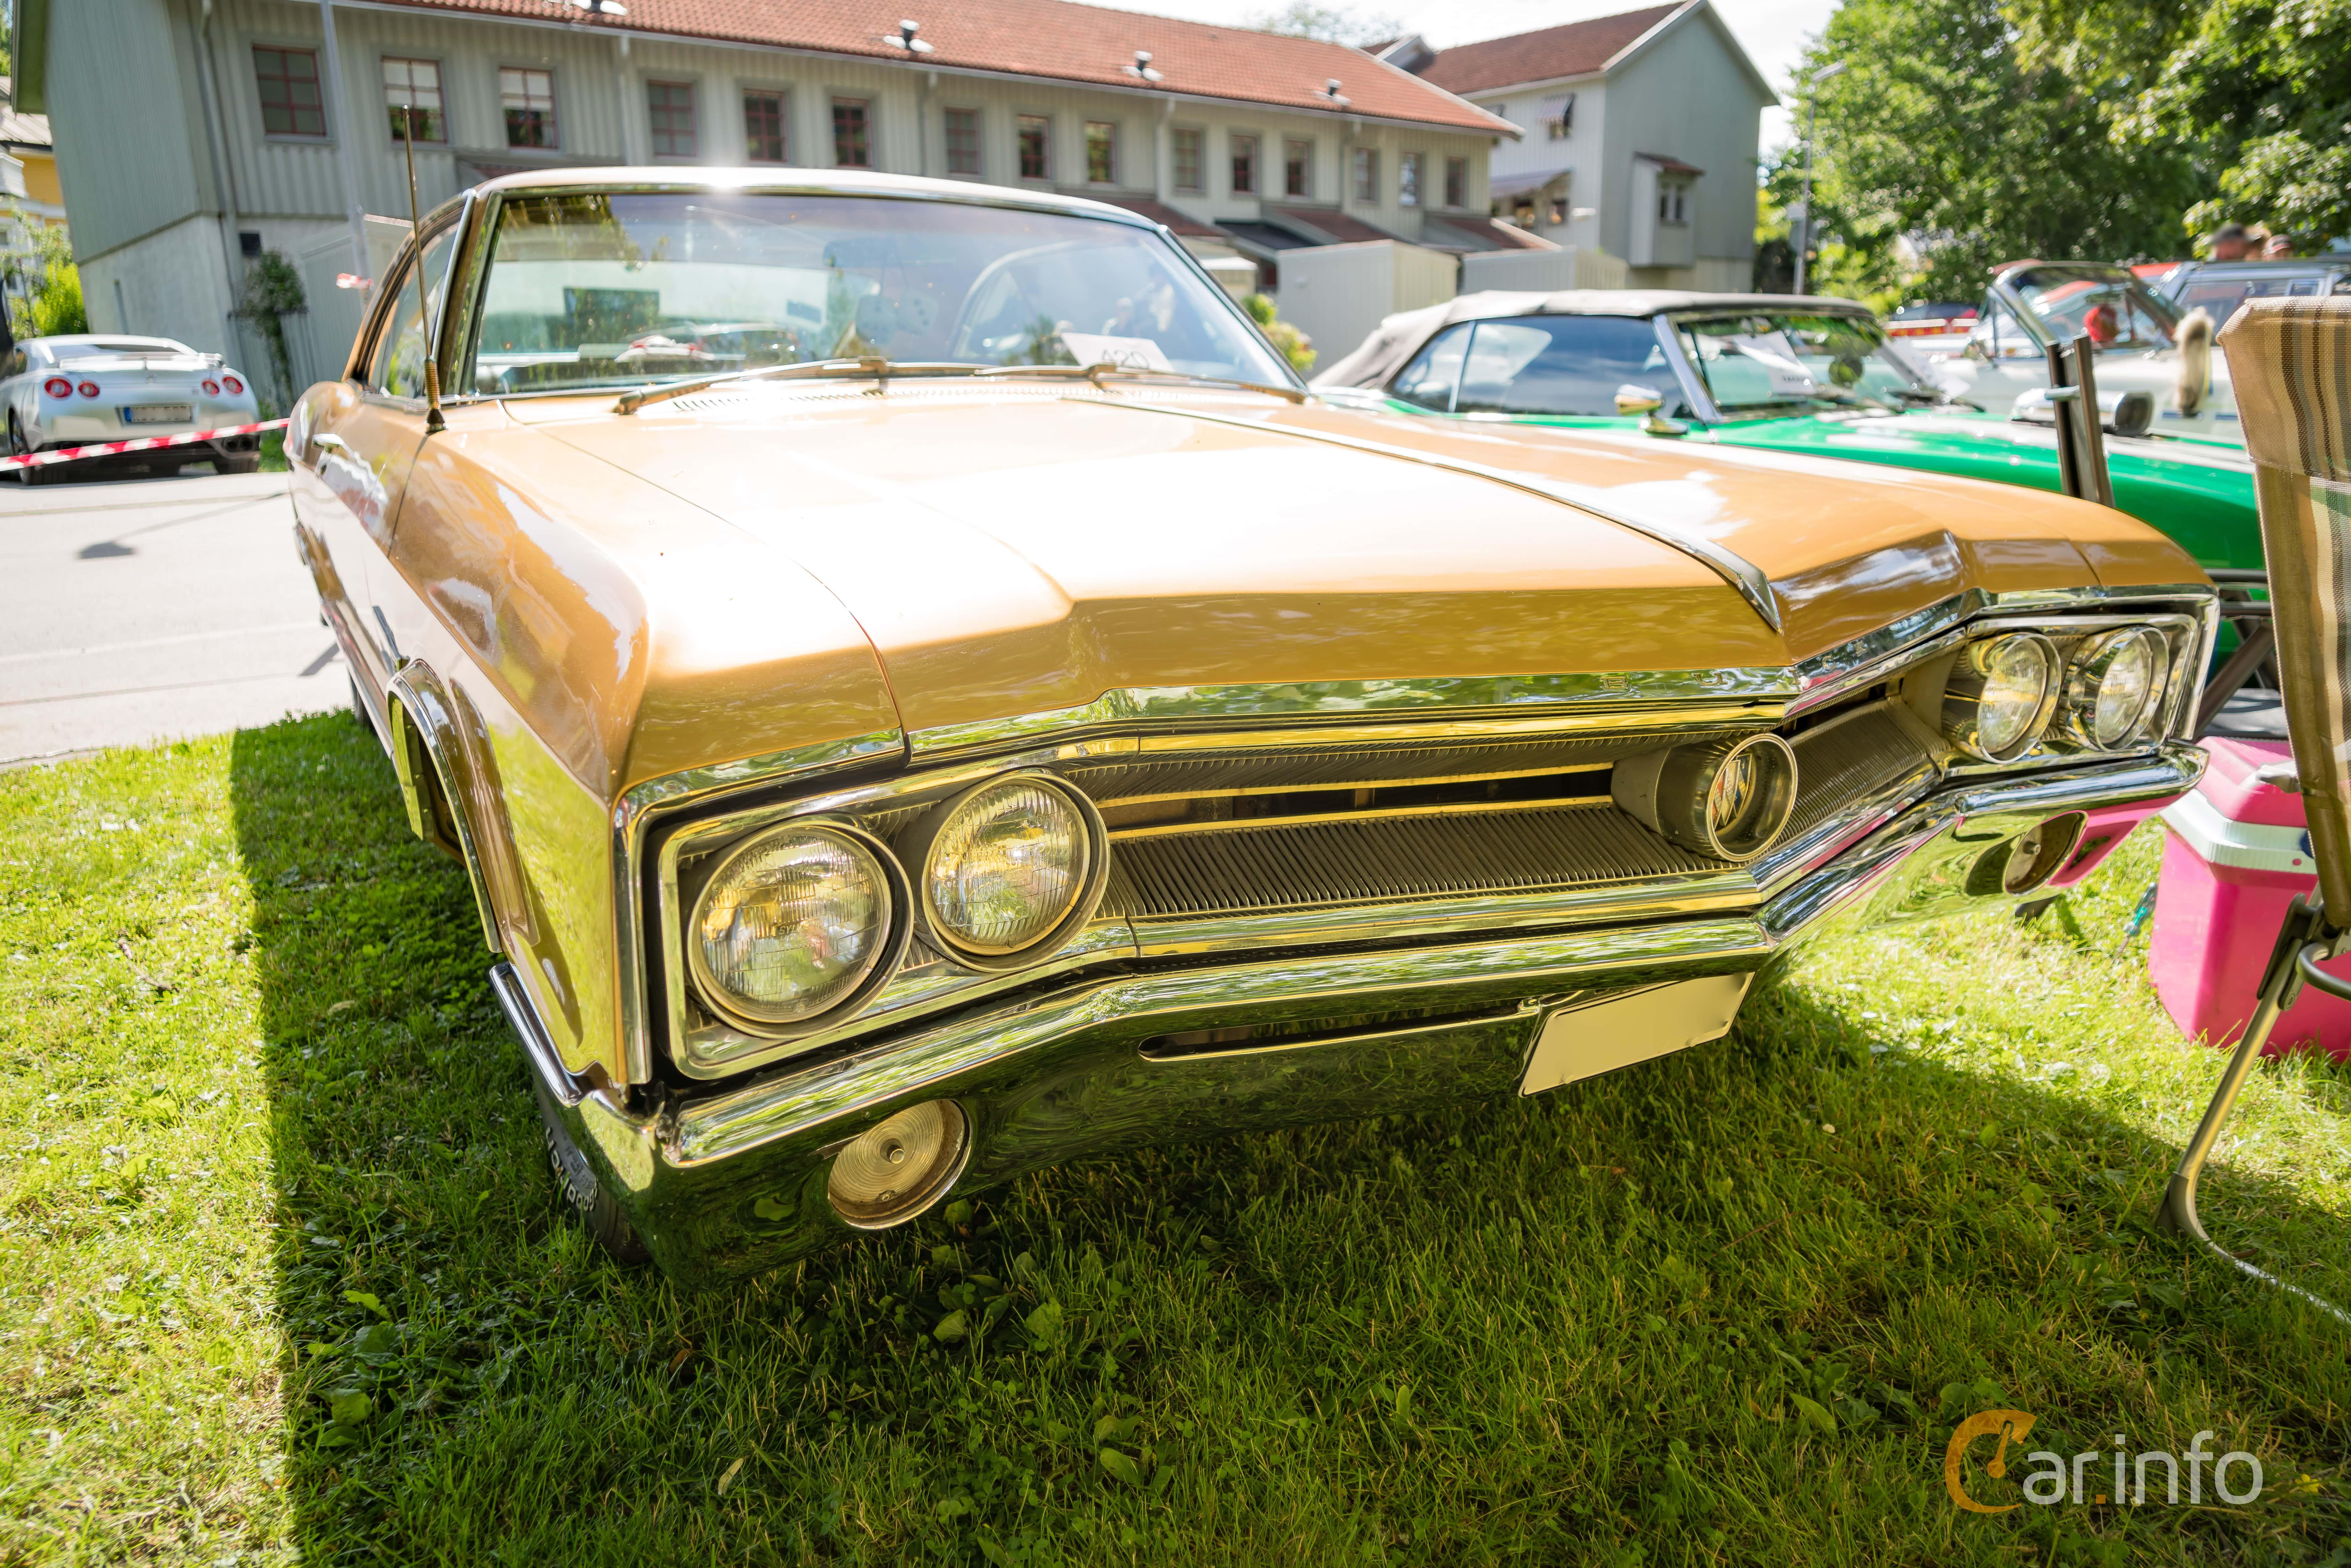 Buick Wildcat 2 Door Hardtop 66 V8 330hp 1965 By Marcusliedholm